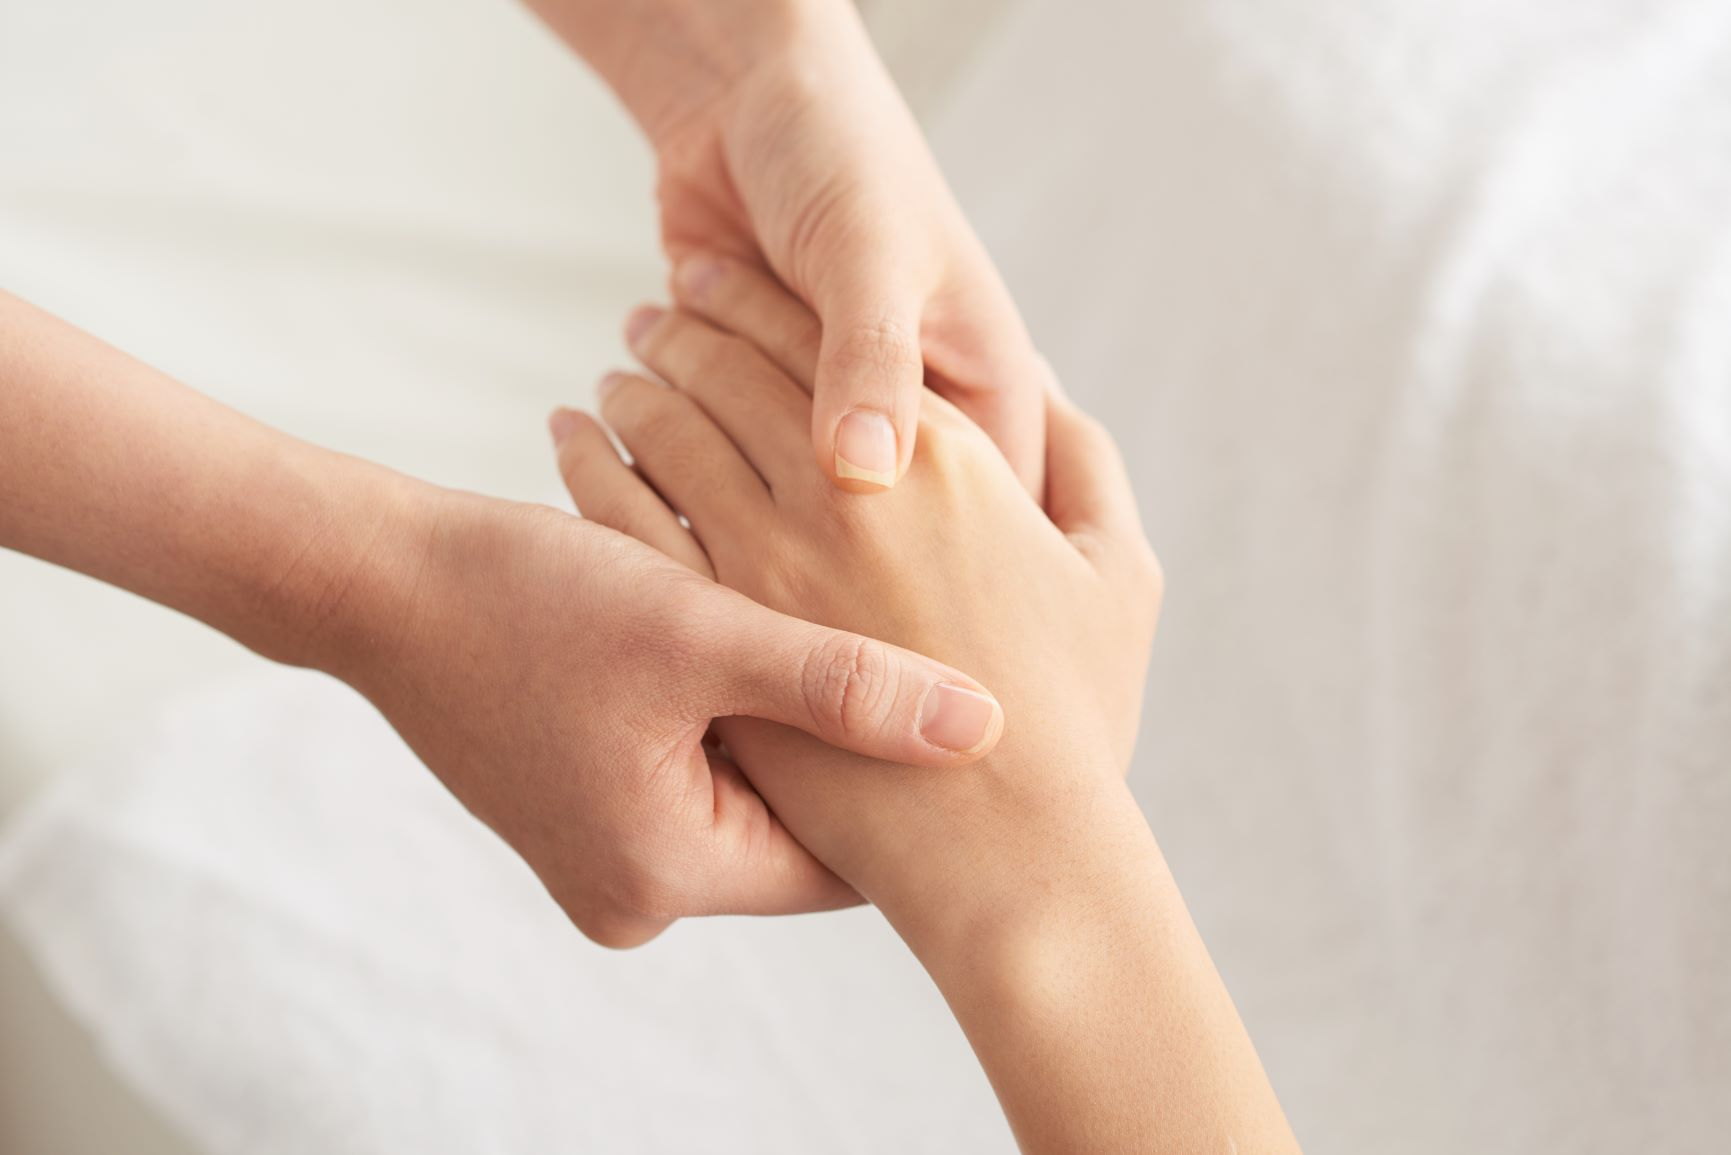 Kaed valutavad parema kae Kuidas eemaldada uhise pahkluu ravi poletik